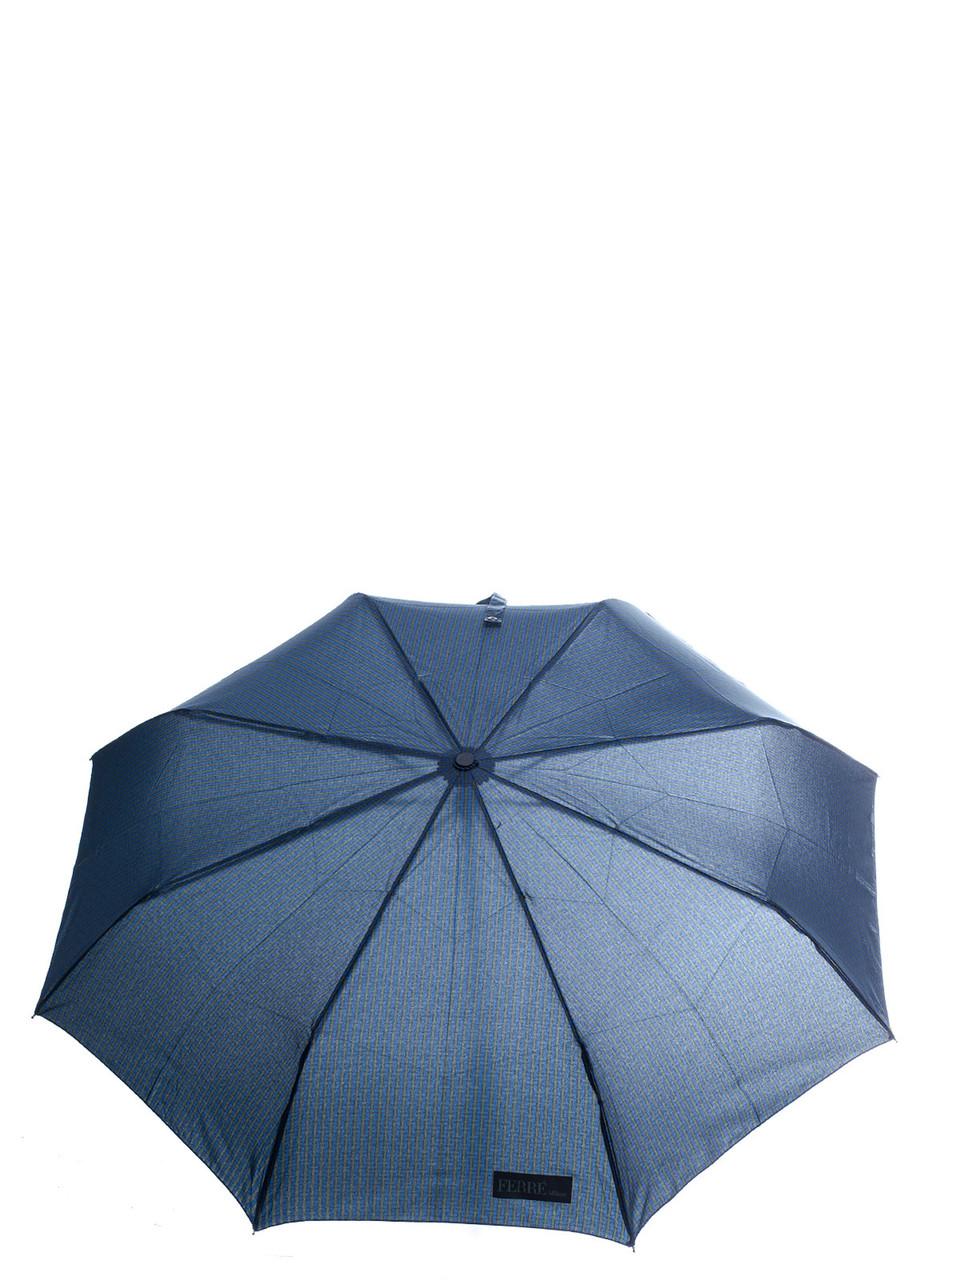 Зонт-автомат Gianfranco Ferre темно-синий мужской LA-3009